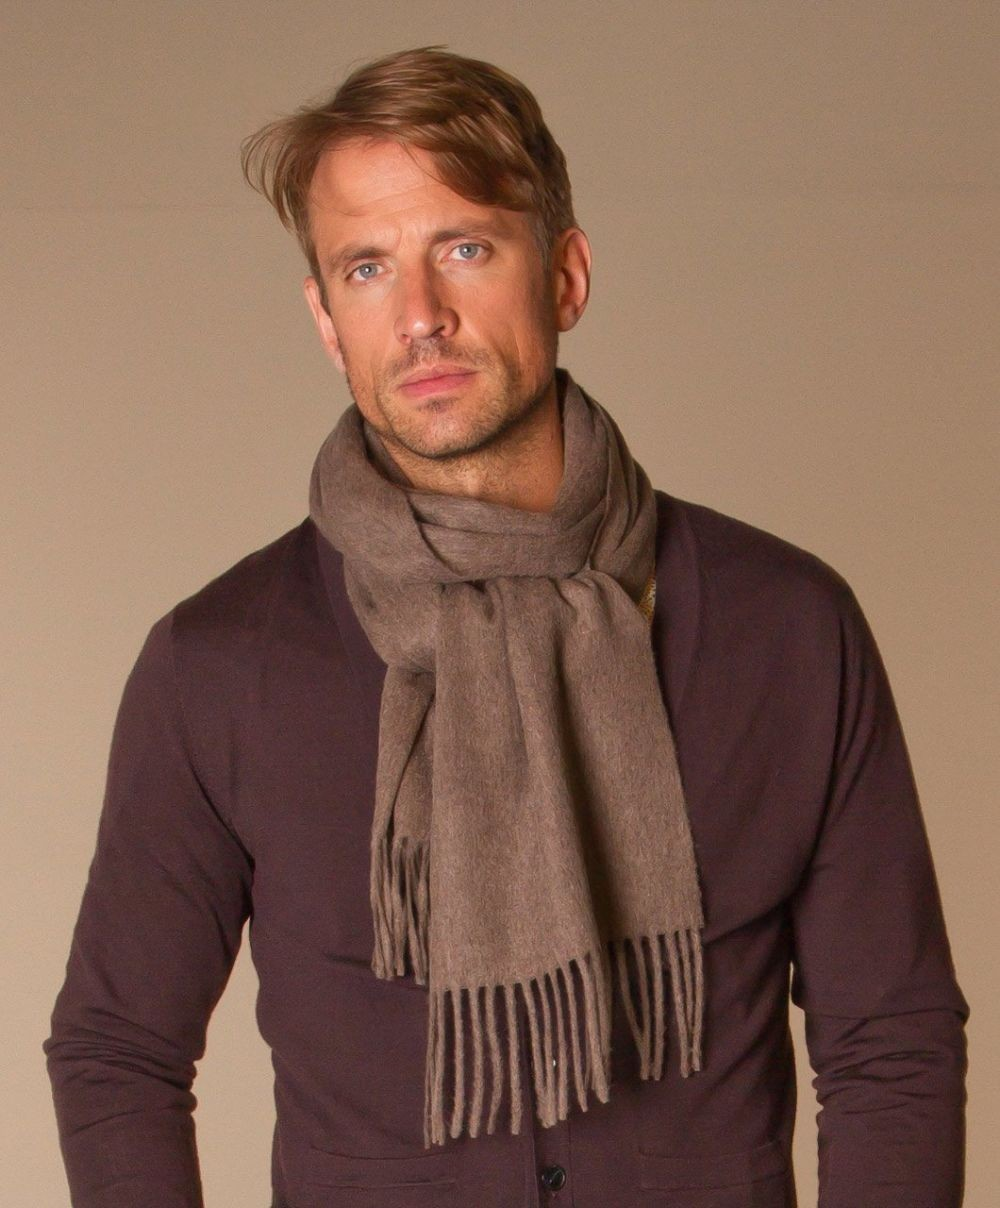 коричневый шарф с бахромой два оборота вокруг шеи